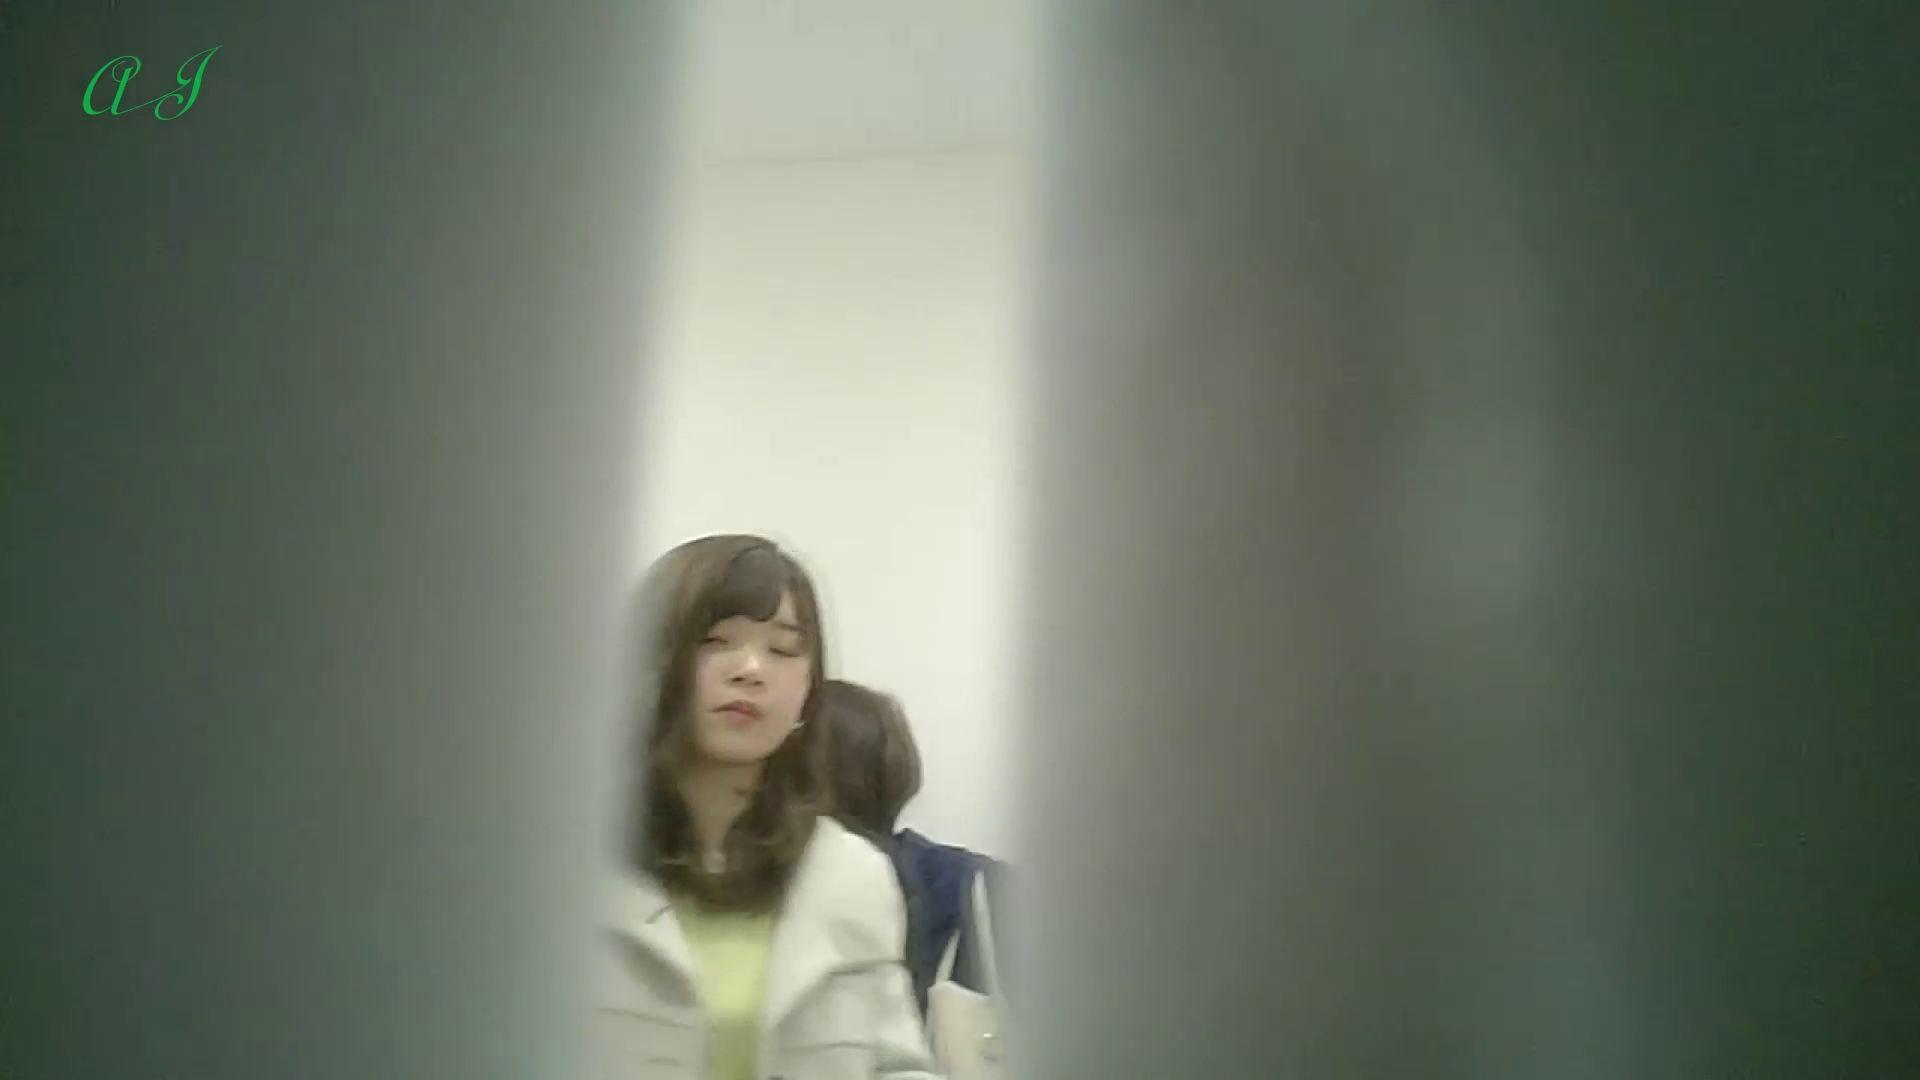 有名大学女性洗面所 vol.61 お久しぶりです。美しい物を美しく撮れました 潜入 AV無料動画キャプチャ 59画像 59